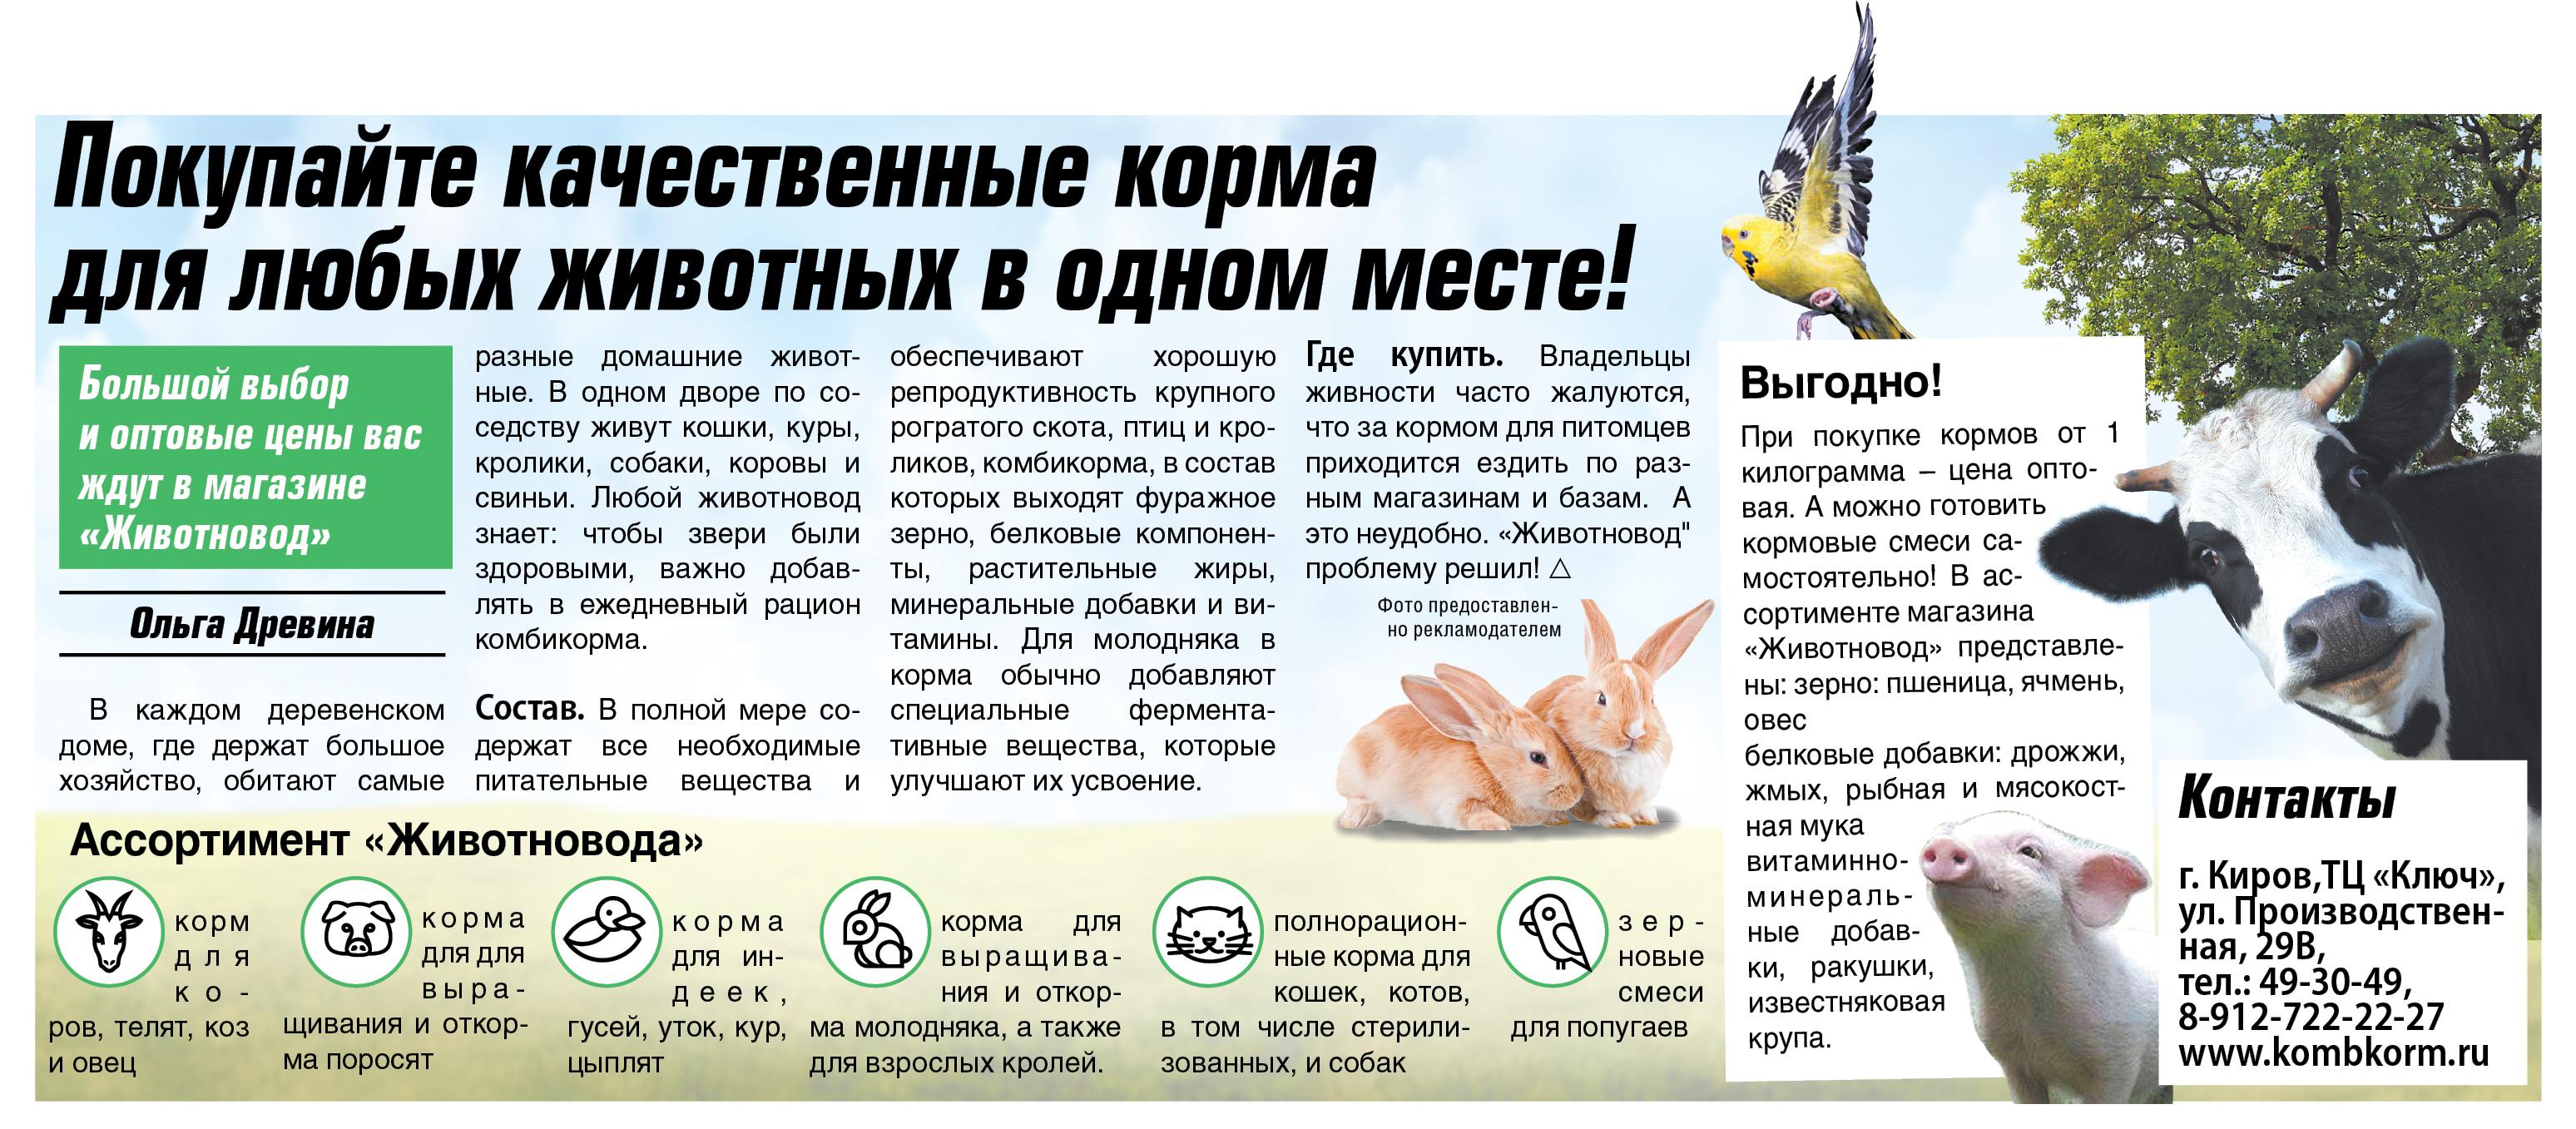 ЖивотноводСтатья